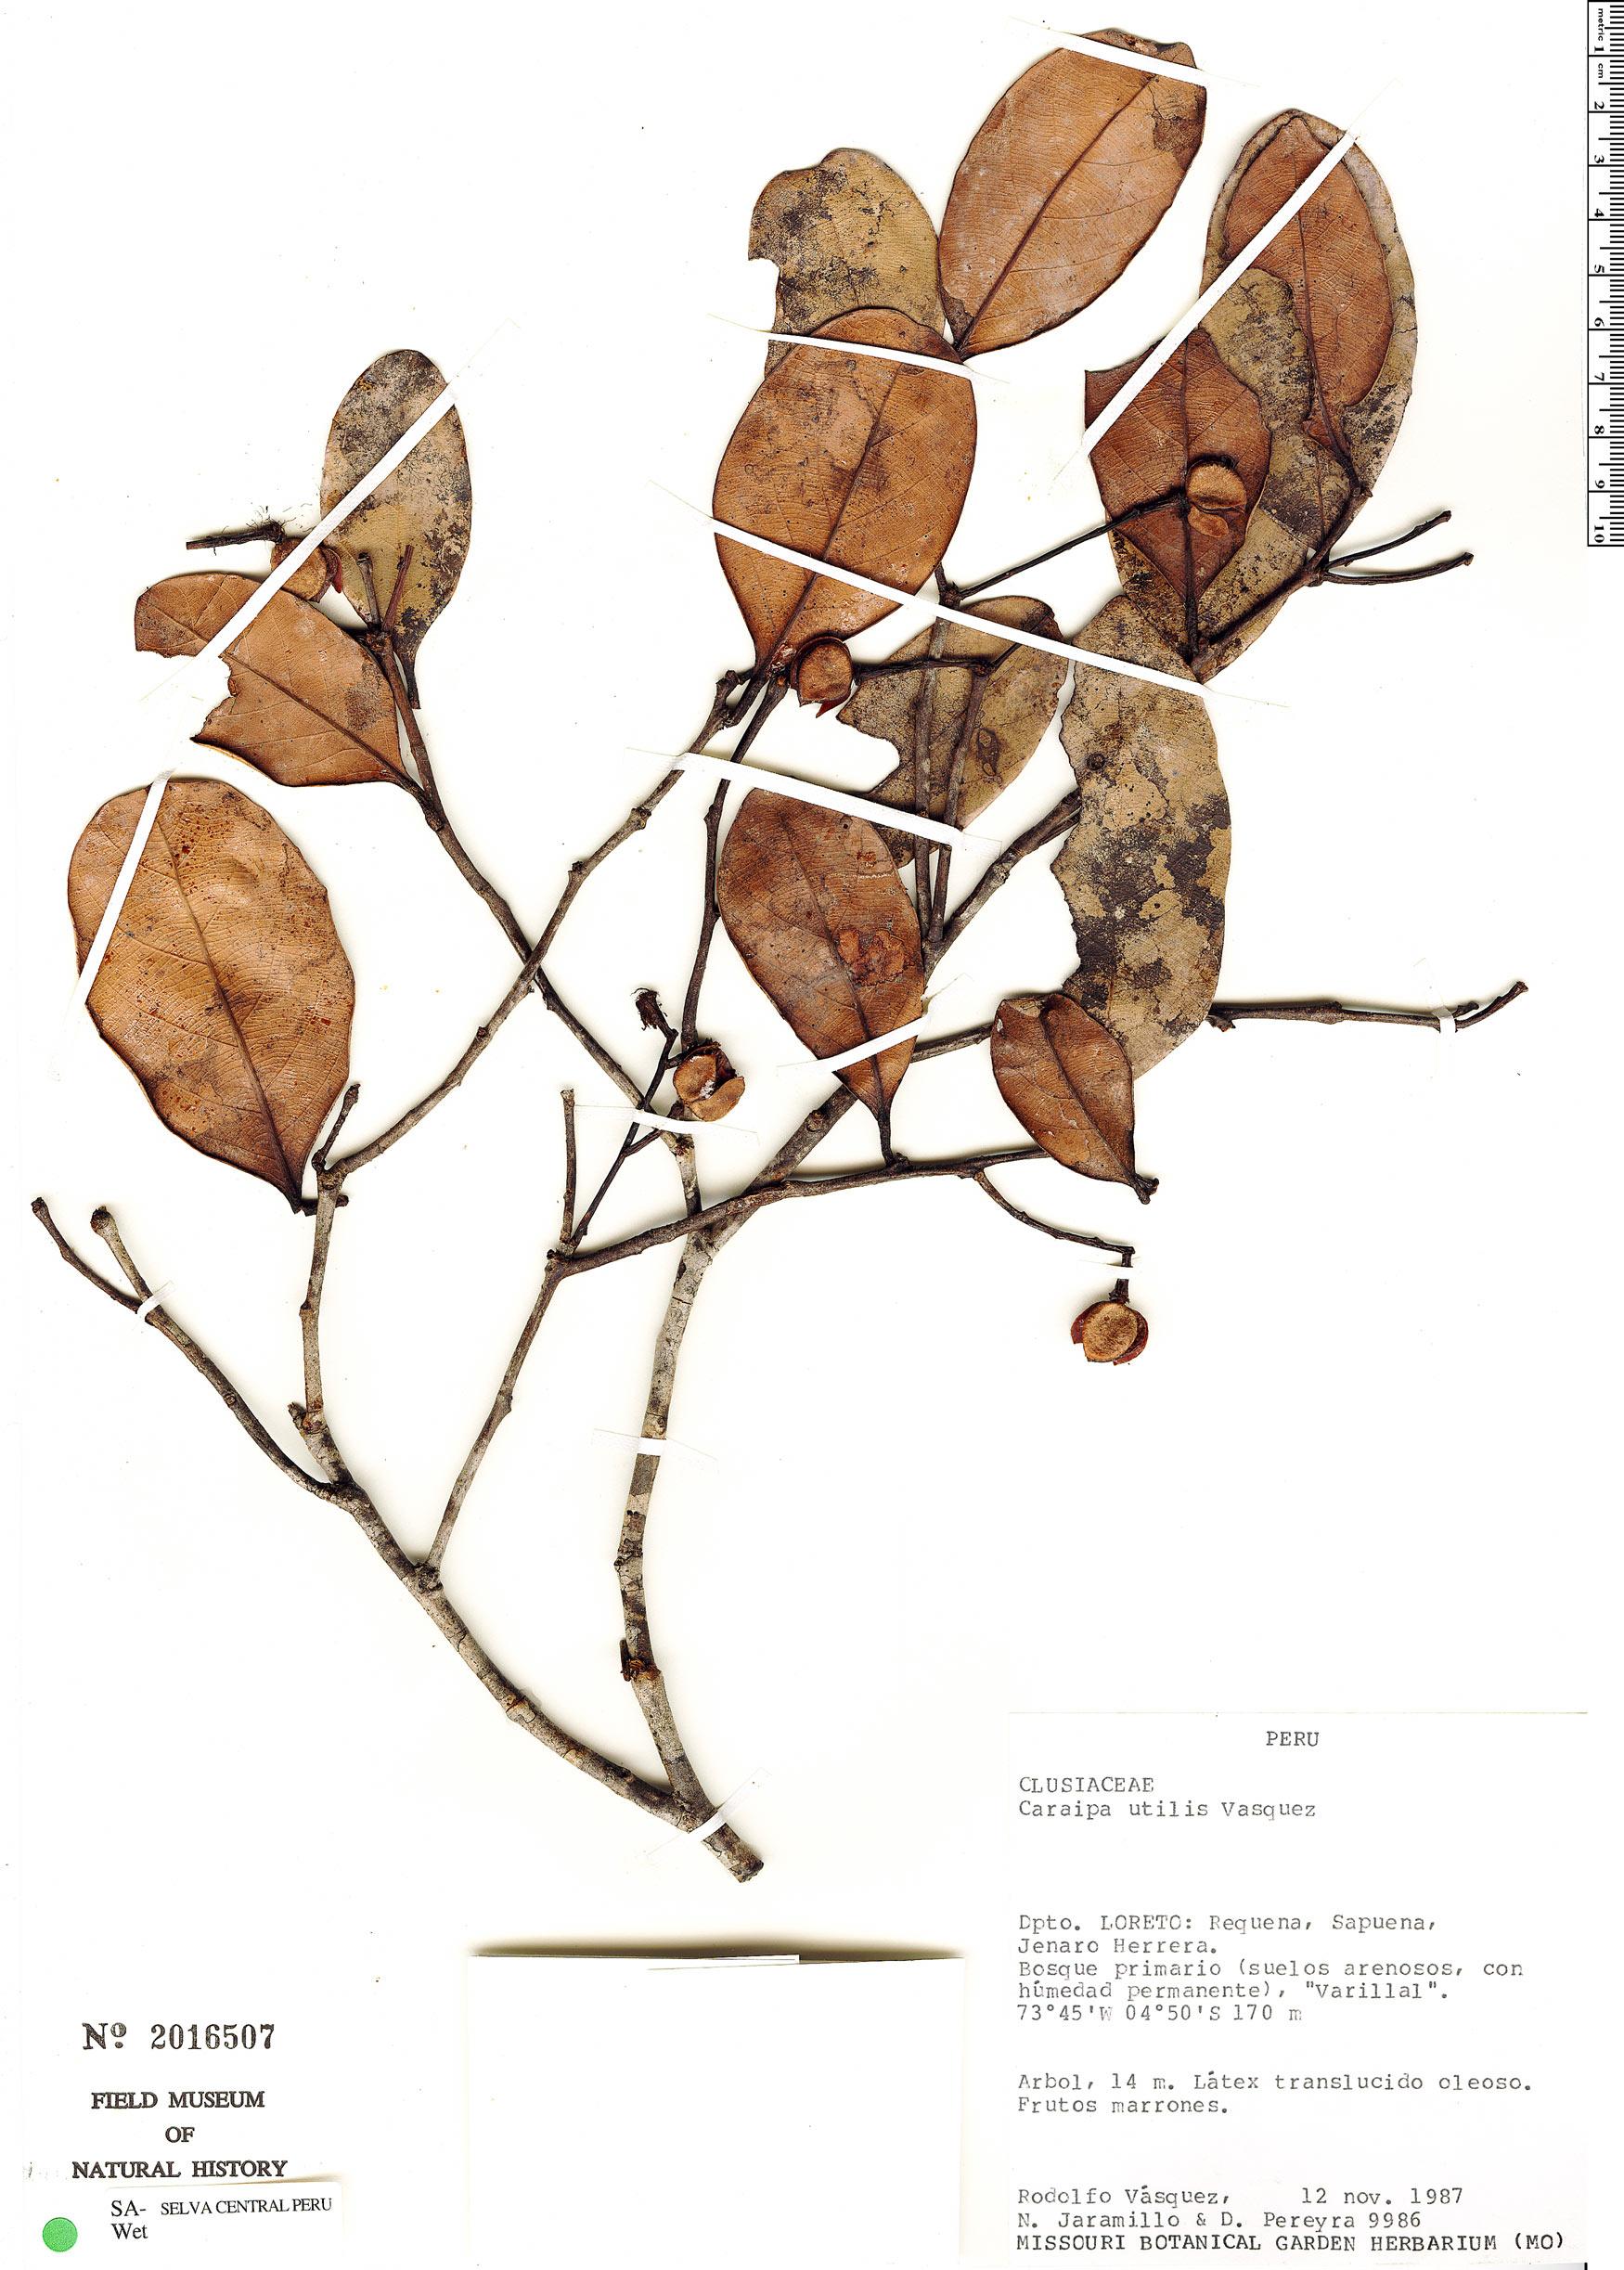 Specimen: Caraipa utilis